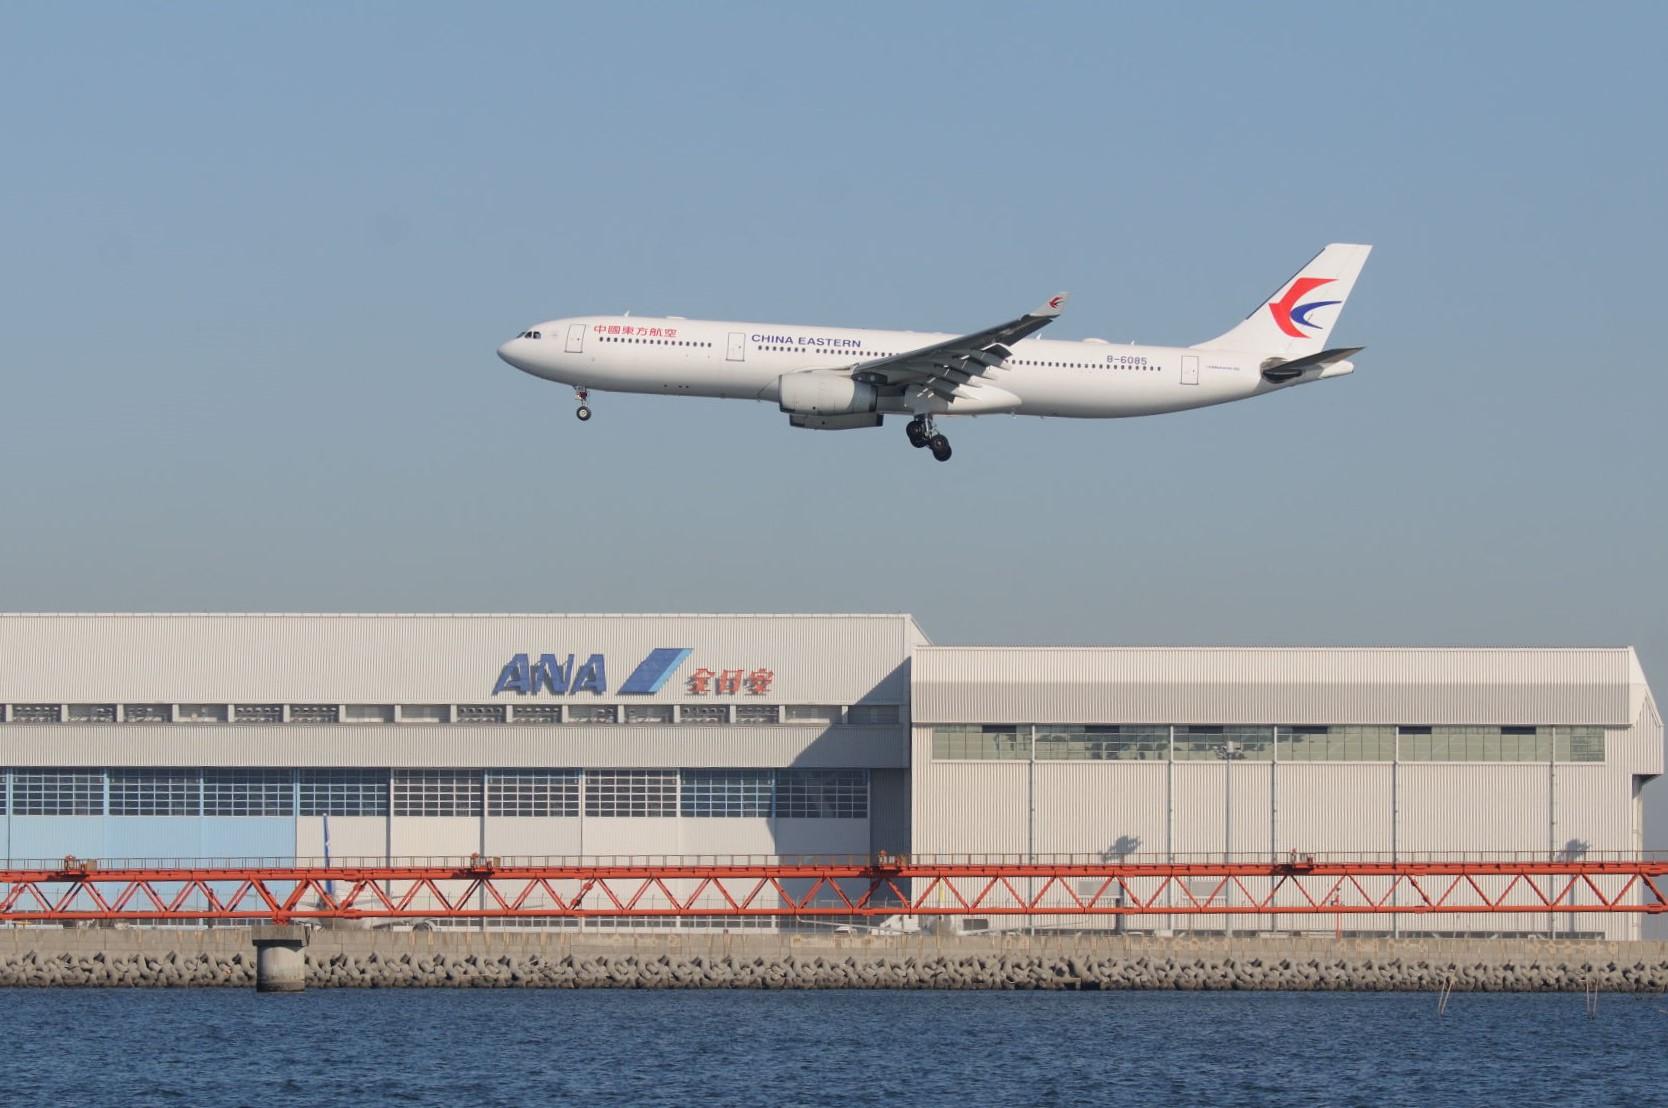 中國東方航空A330